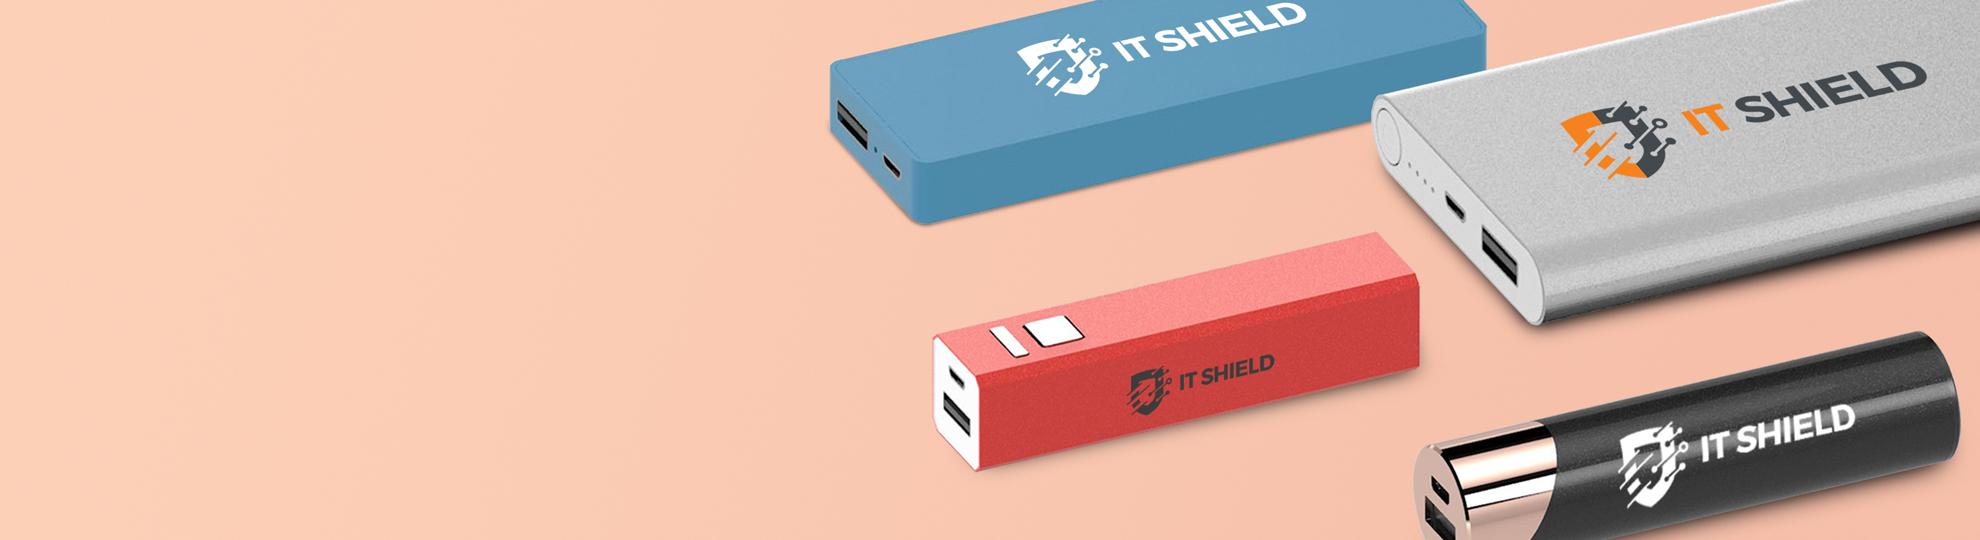 Batterie externe personnalisée publicitaire